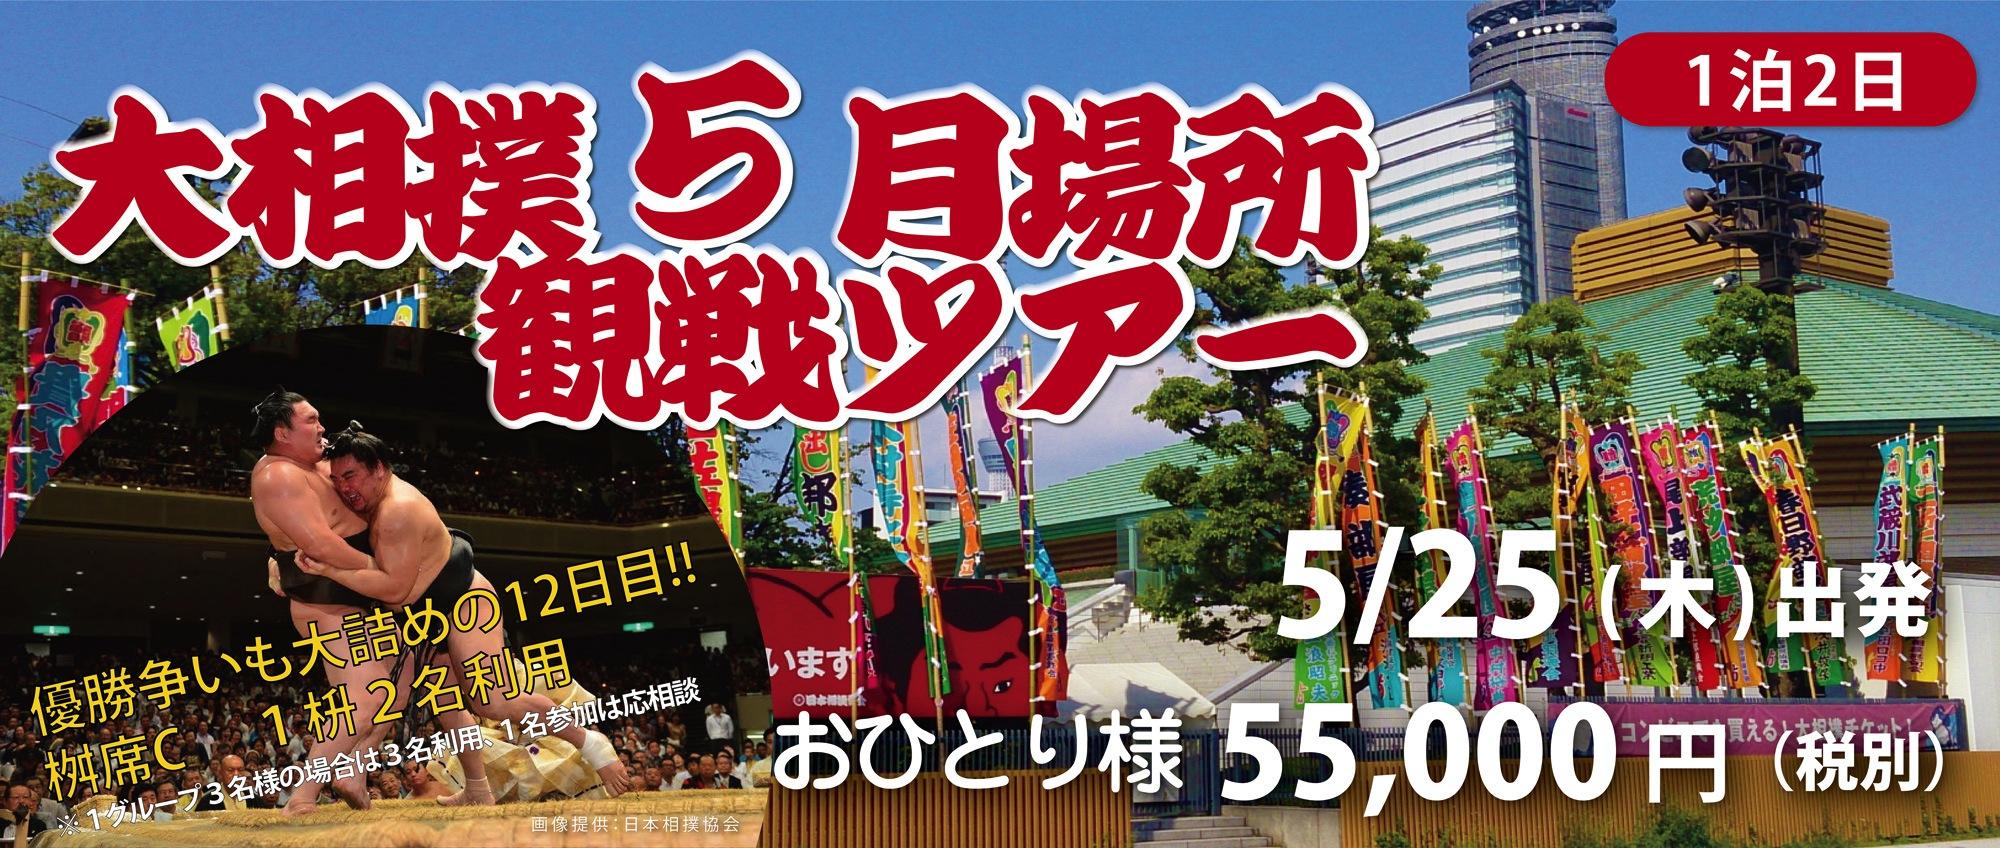 大相撲5月場所観戦ツアー 5月25日(木)出発 1泊2日